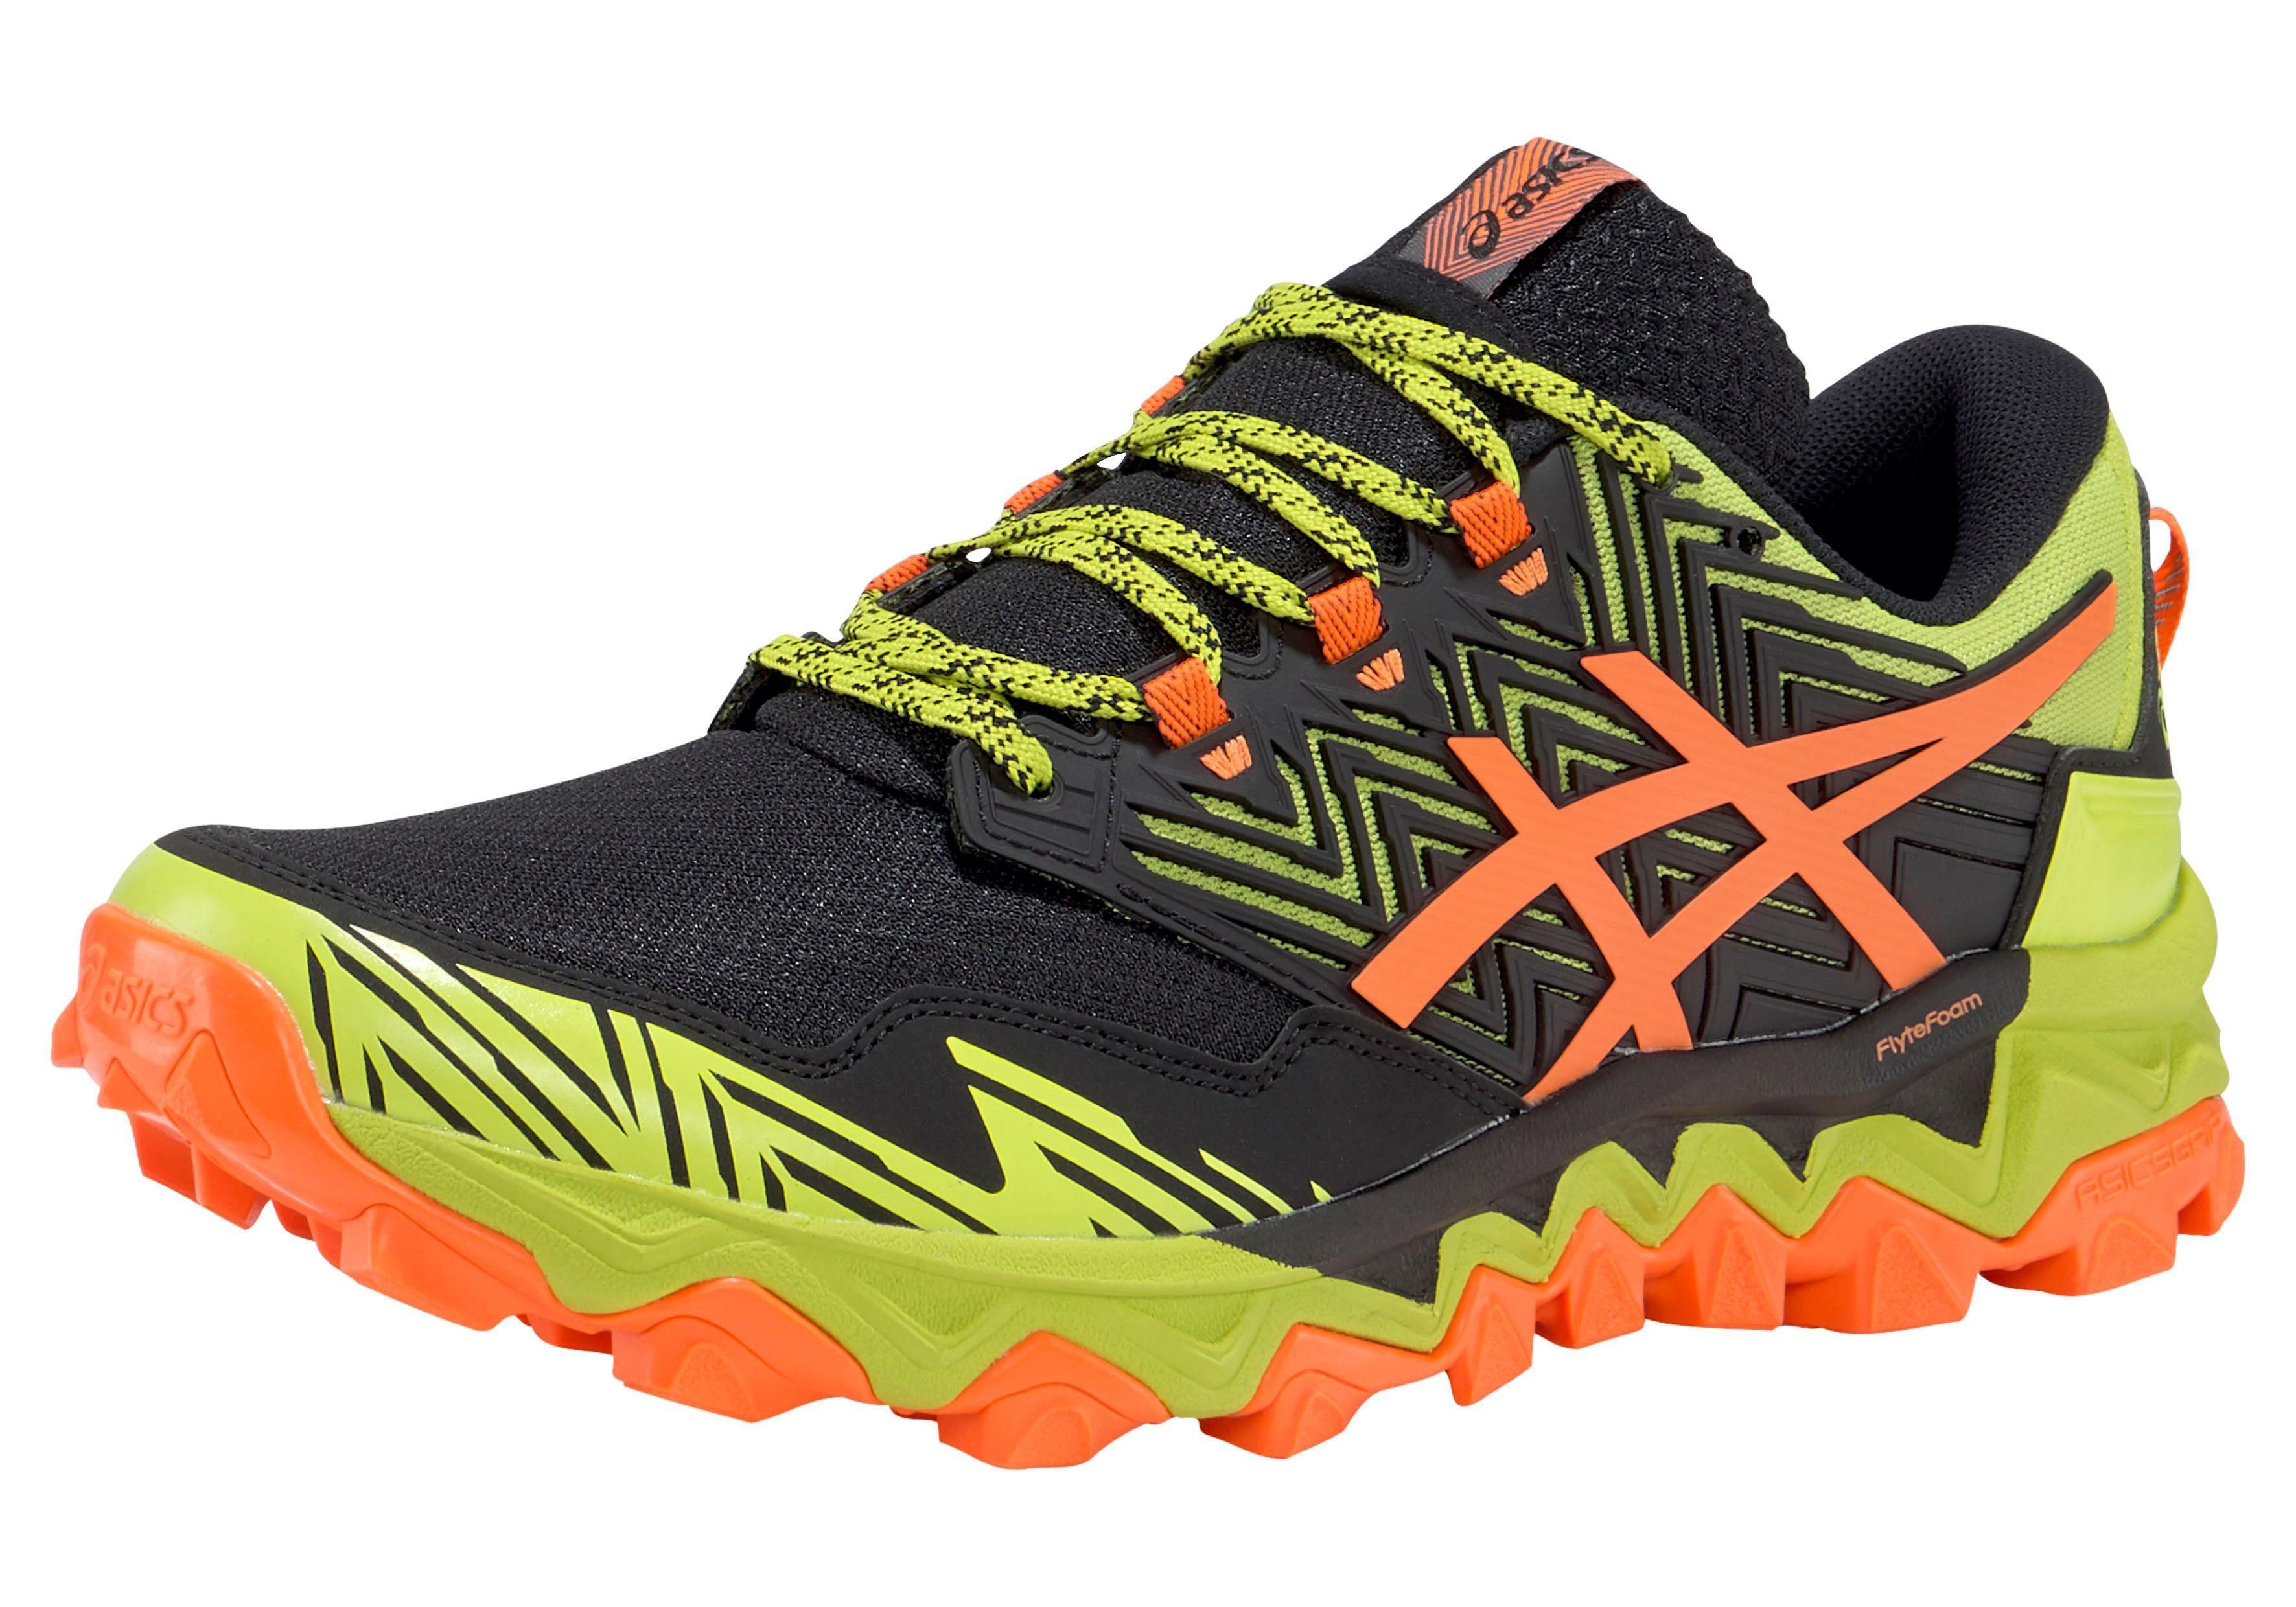 Asics »GEL FujiTrabuco 8« Laufschuh, Leichter Trailrunningschuh von Asics online kaufen | OTTO